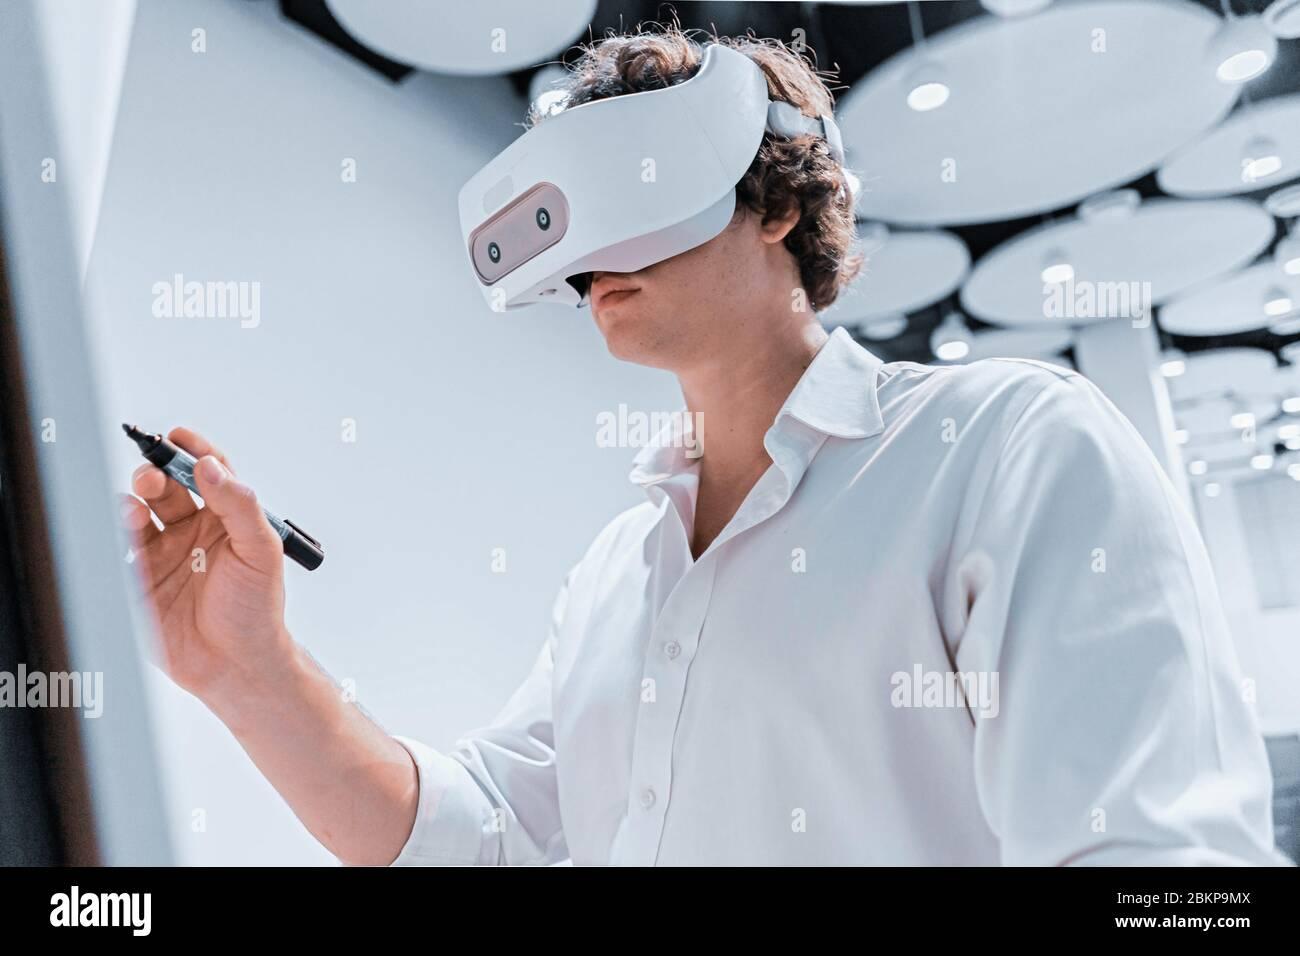 Hombre joven con gafas de realidad Virtual escribiendo en Flipchart durante la presentación en línea en escena sin espectadores. Distanciamiento social. Quédate en casa Foto de stock